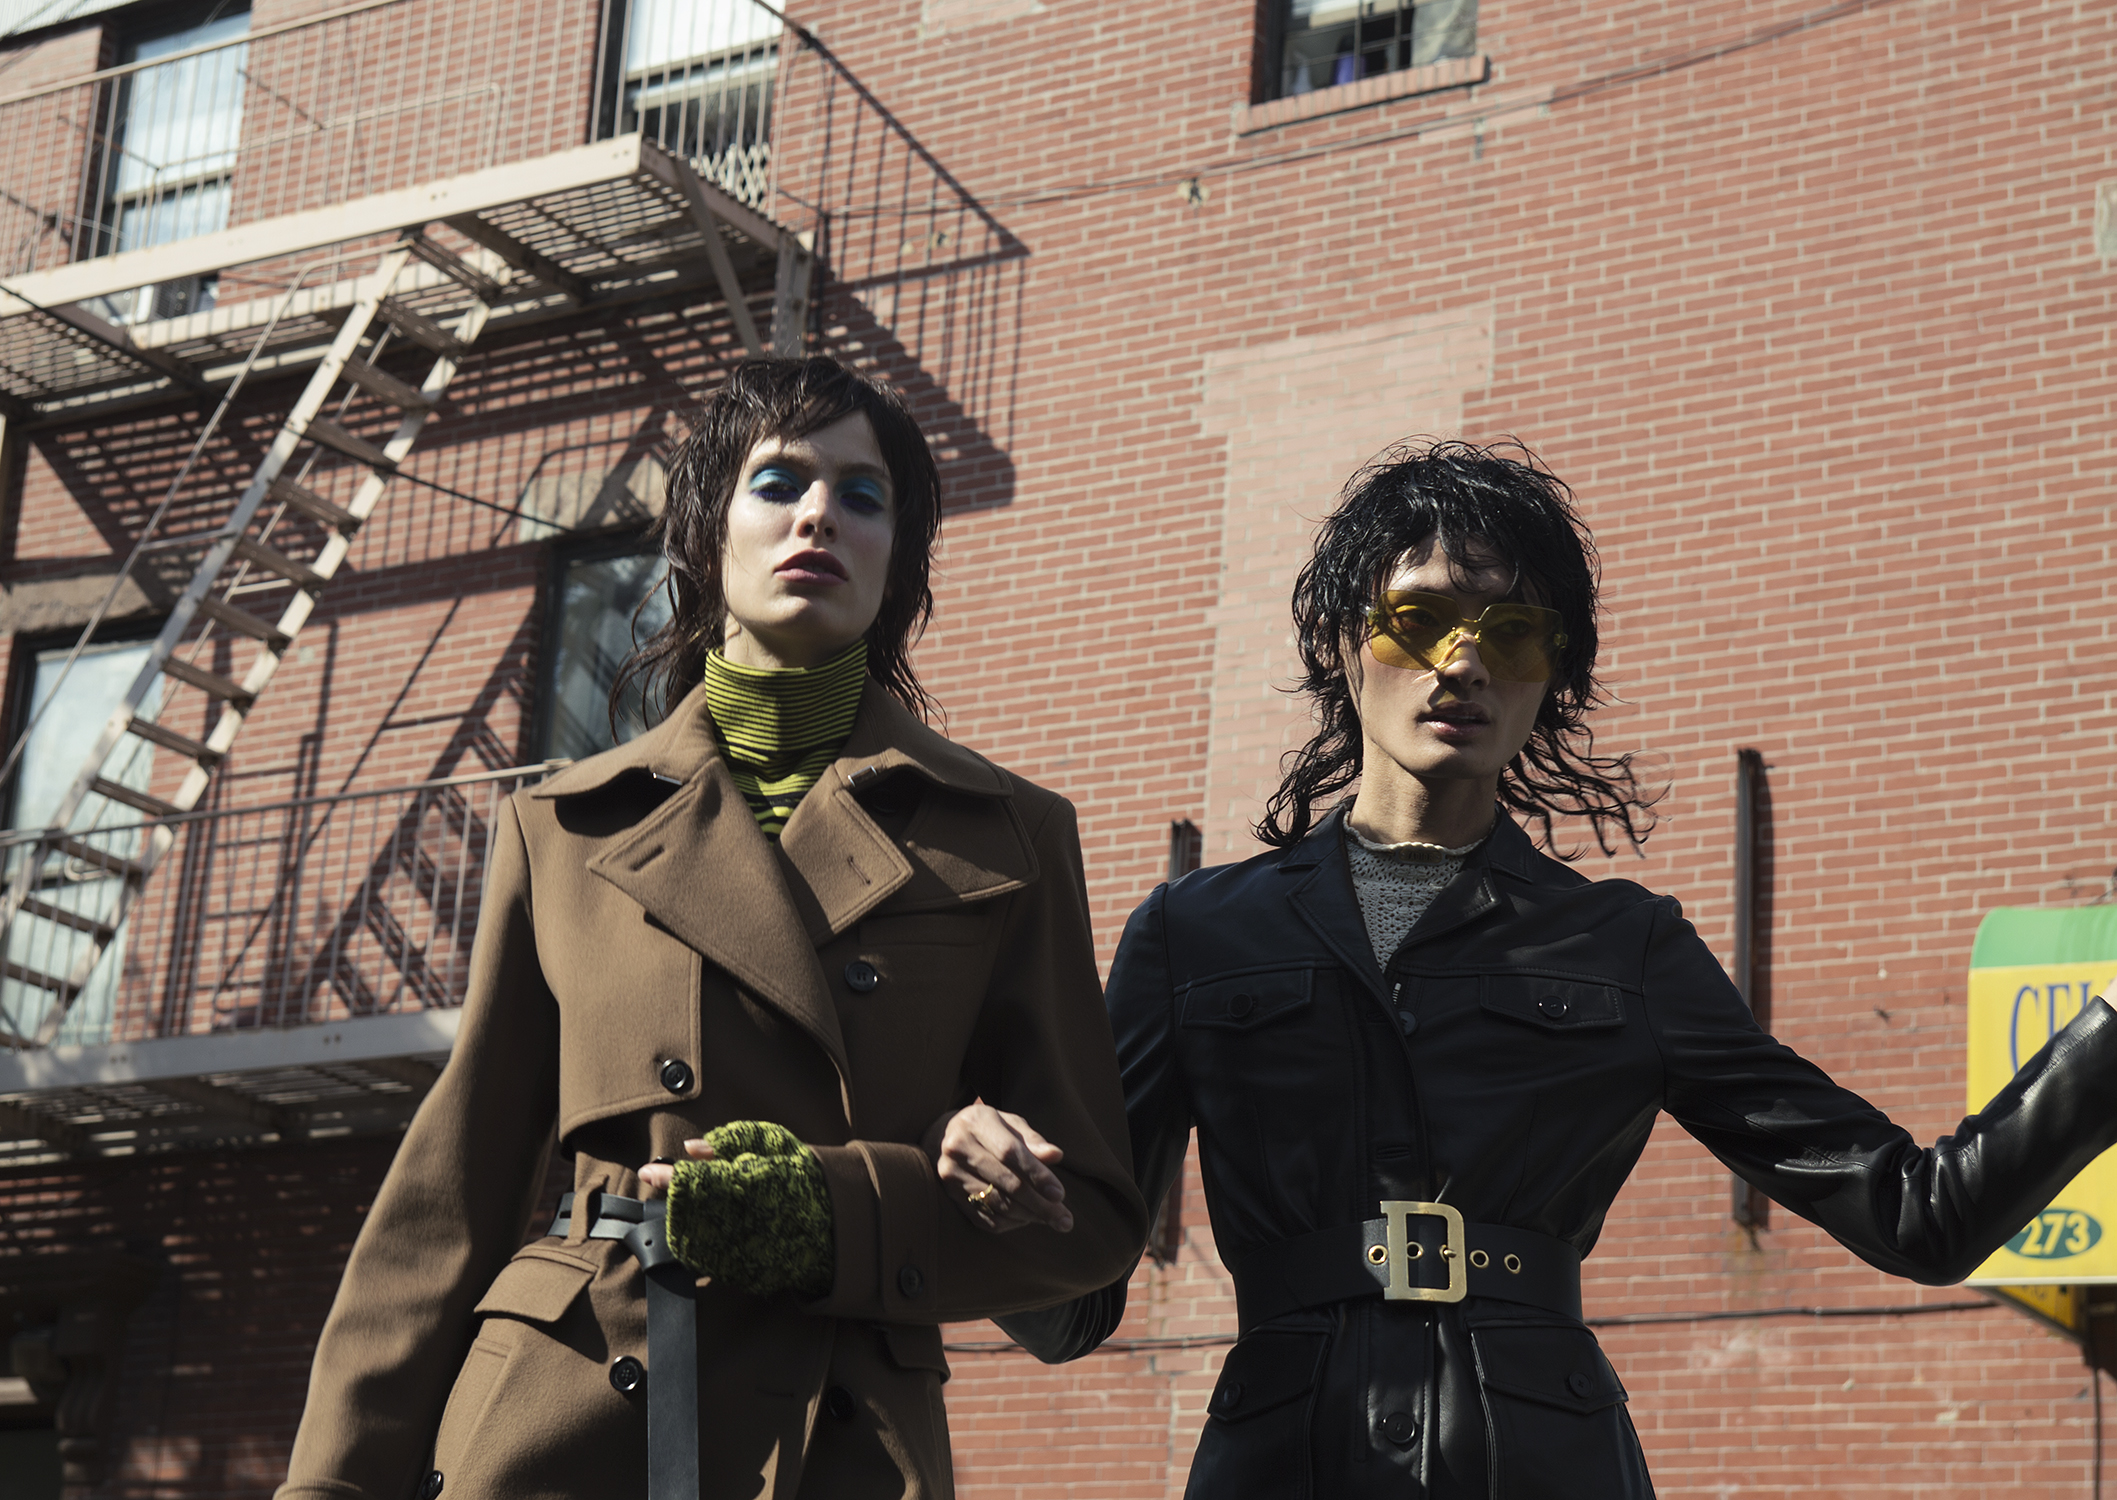 Trench Coat y guantes tejidos de lana de Dior Homme, Saks Fifth Avenue. Chaqueta de cuero de Dior, suéter crochet, Saks Fifth Avenue.